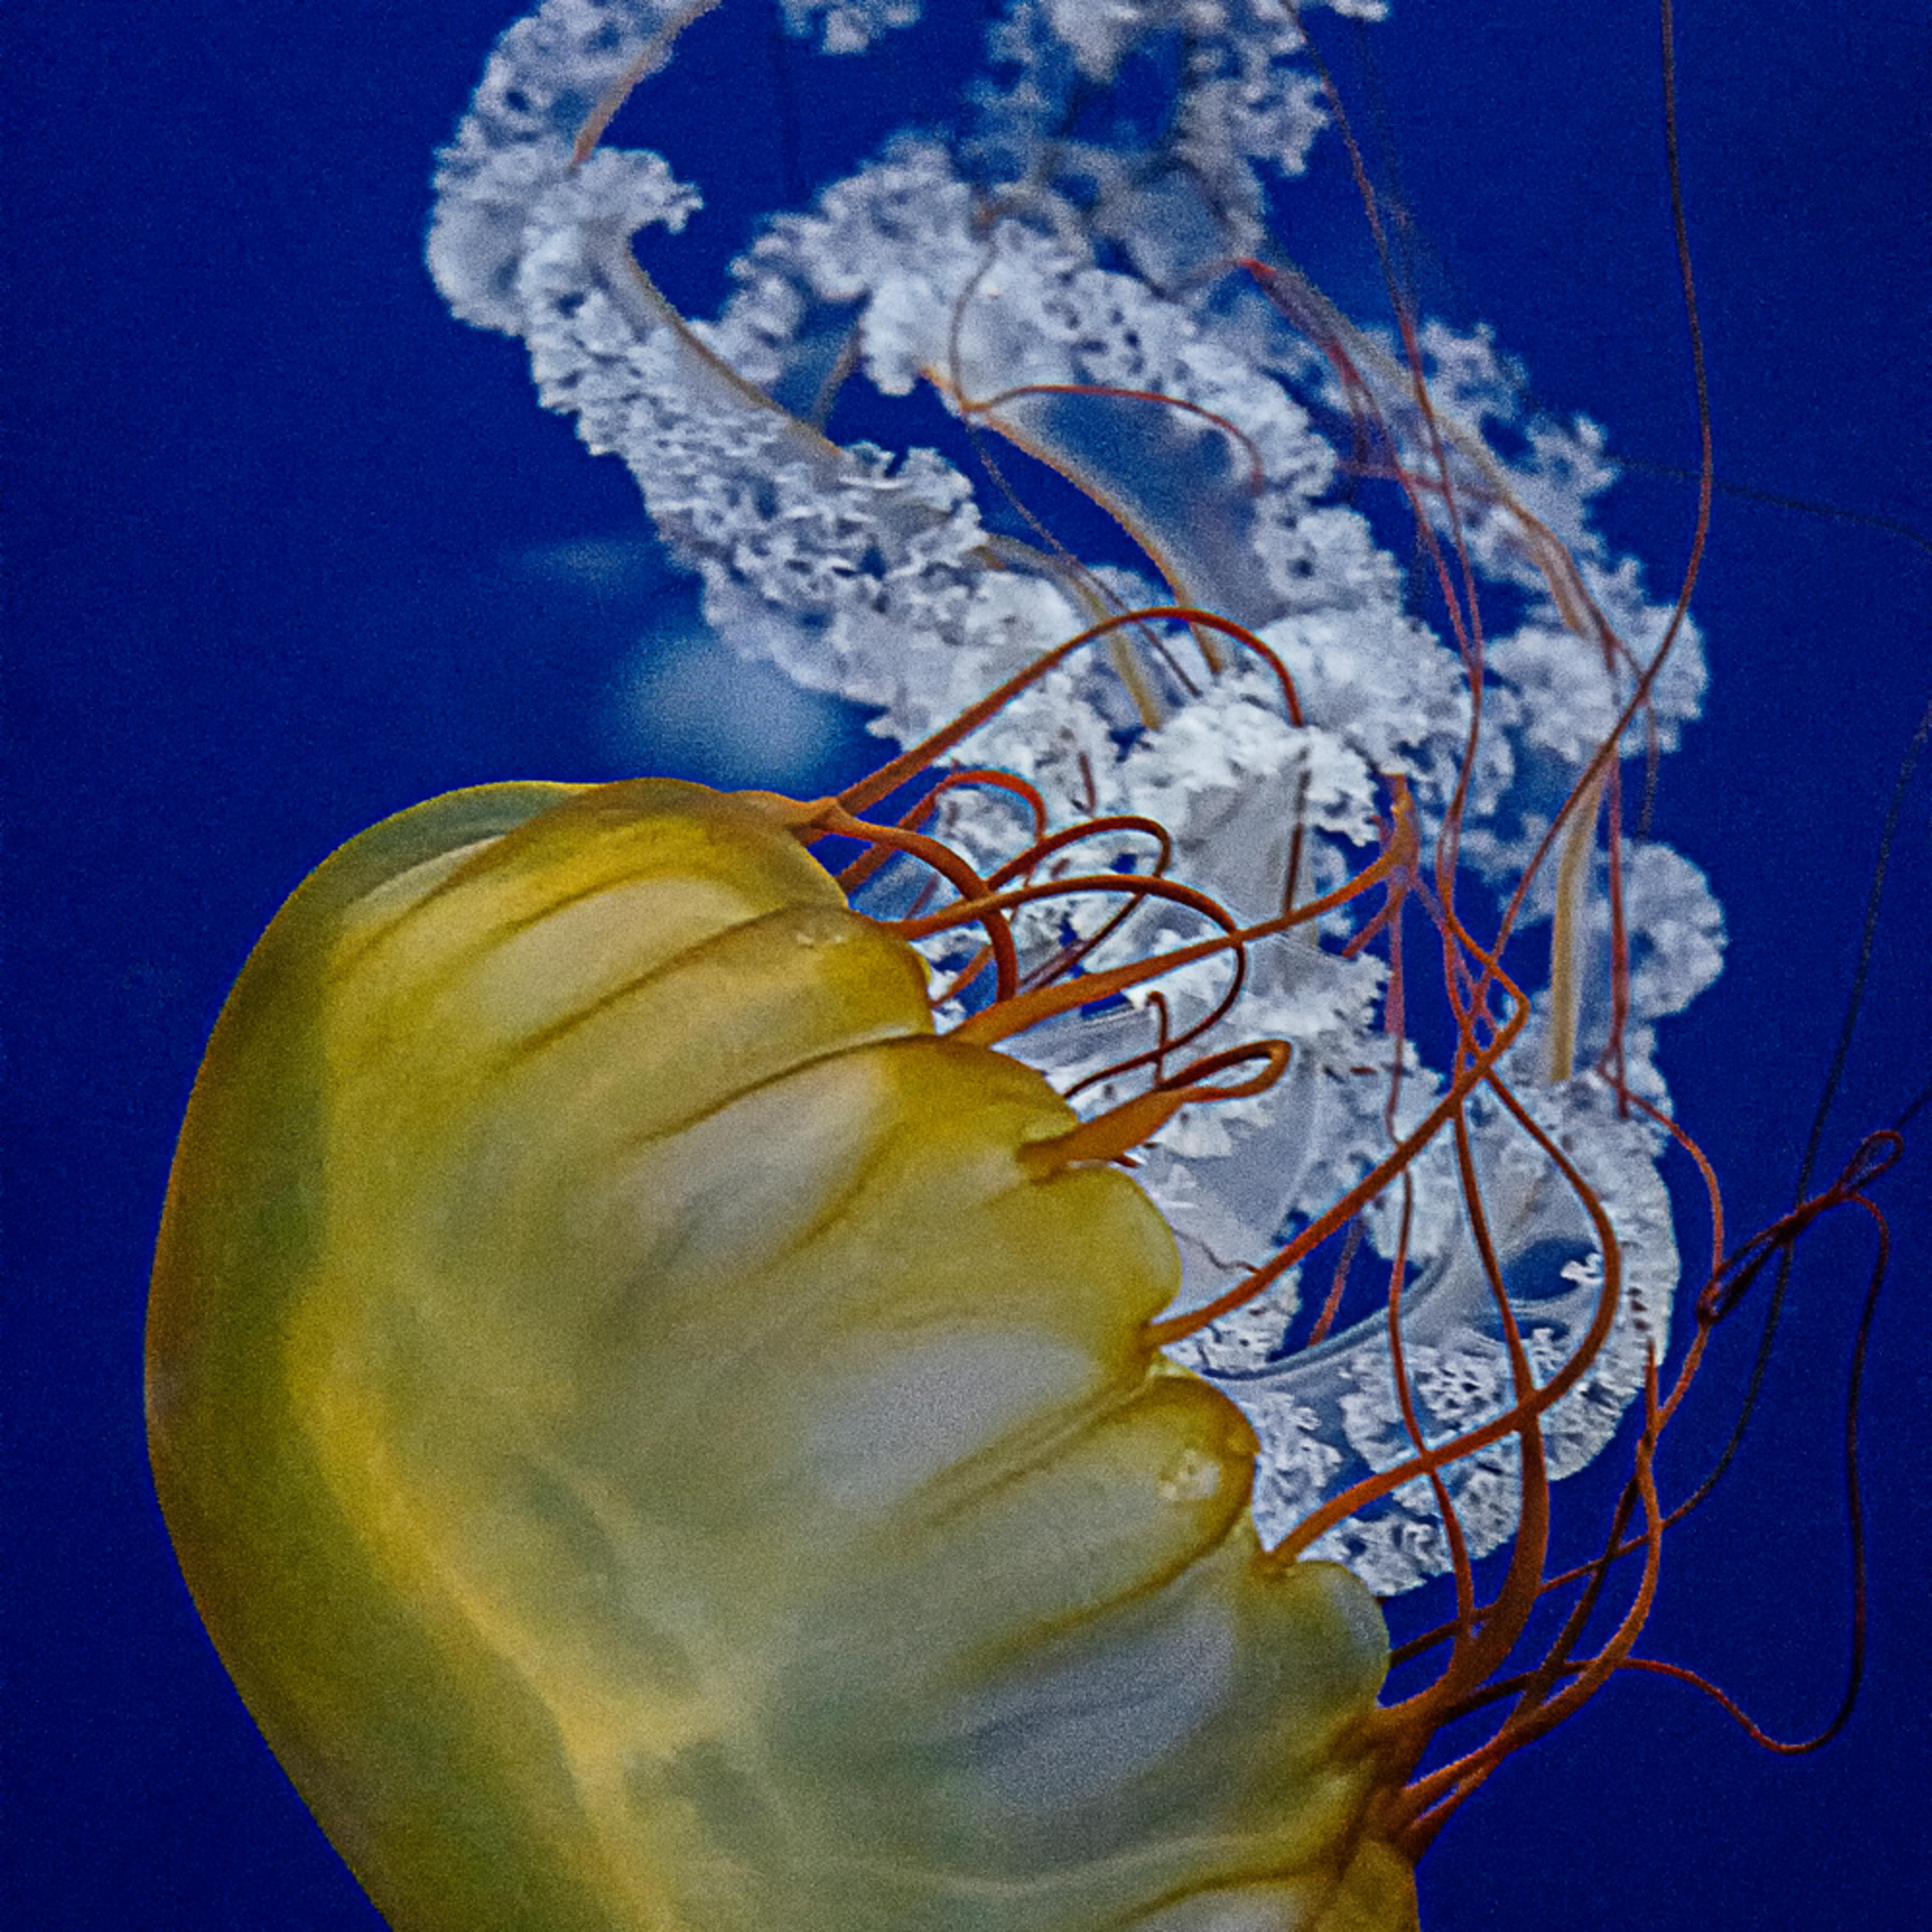 200228 aquarium 095 dfine bvpv02